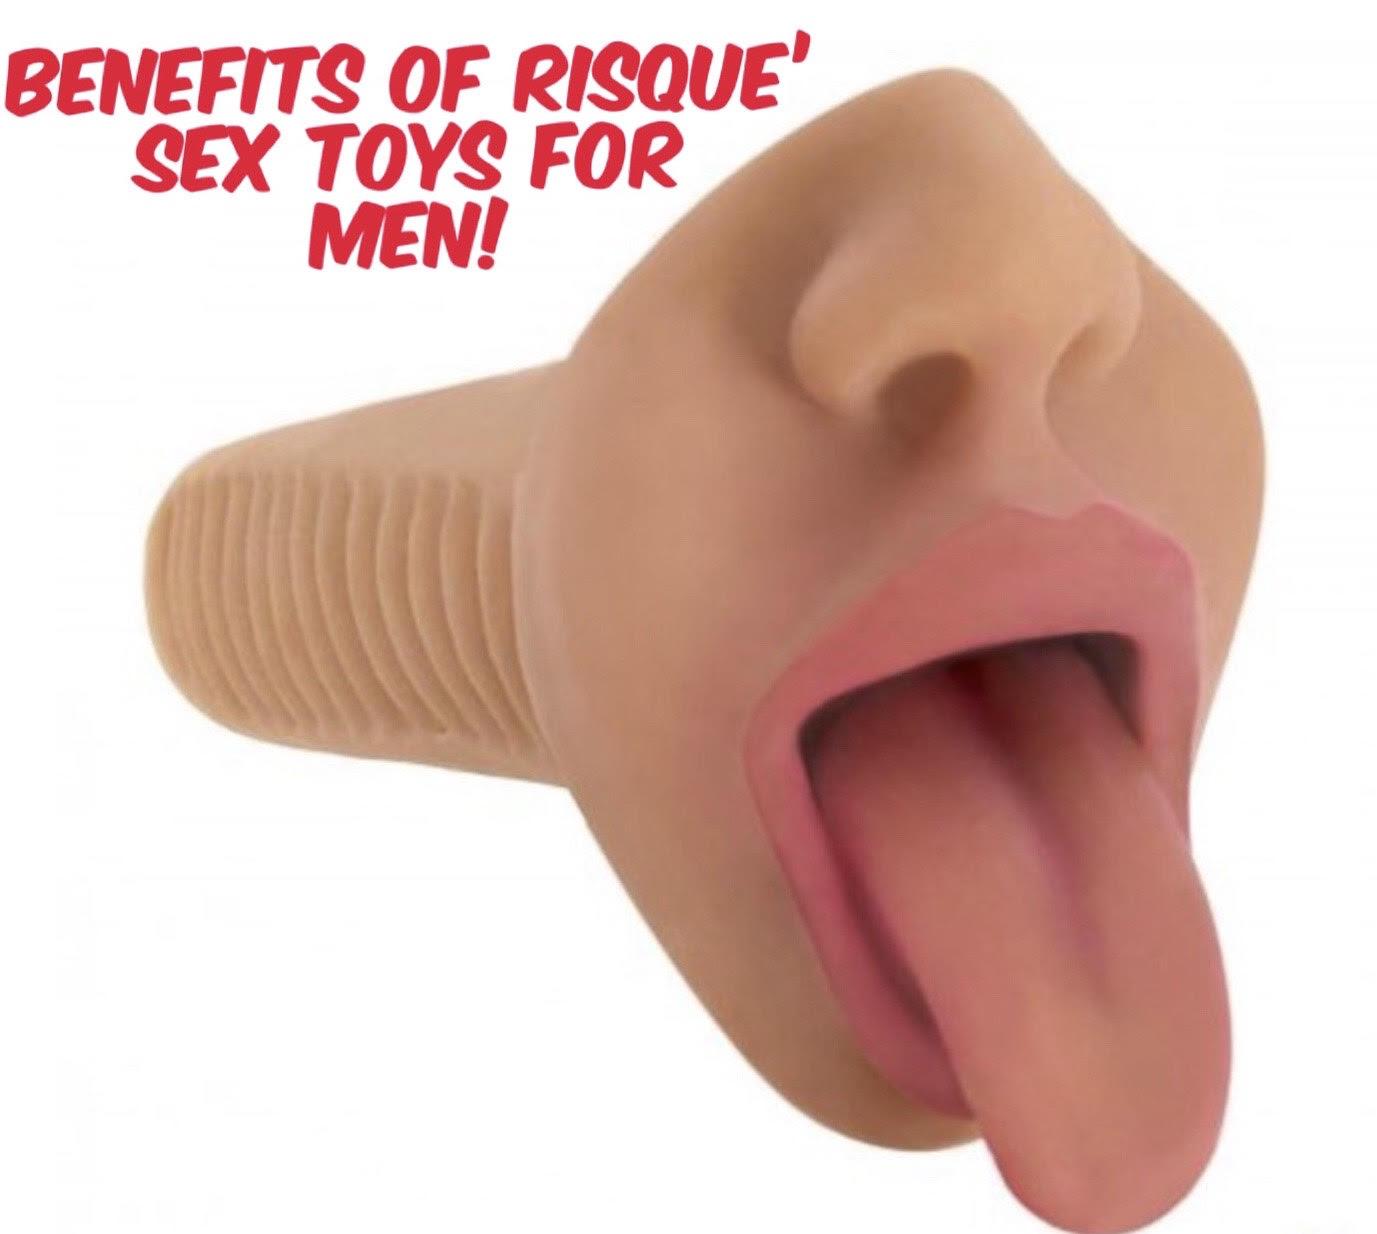 Benefits of Risqué Sex Toys_Men